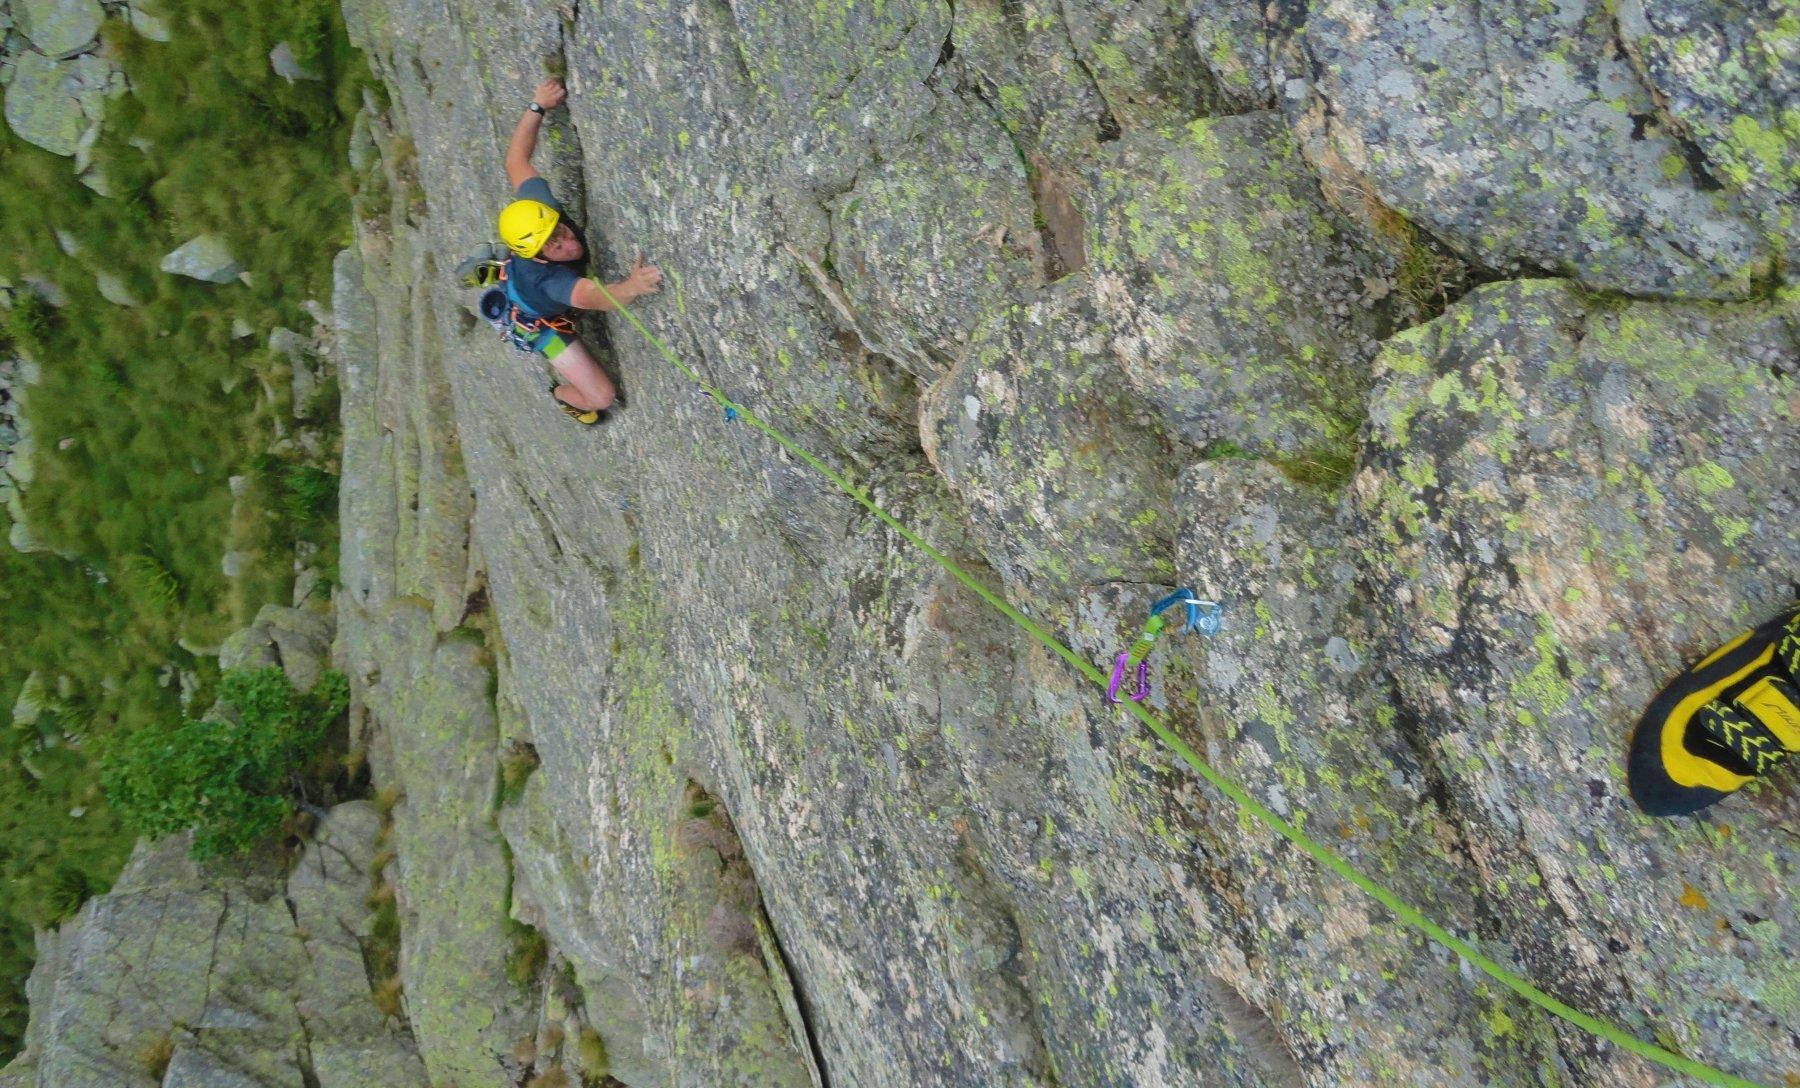 Marco in azione sullo strepitoso muro compatto percorso da L3